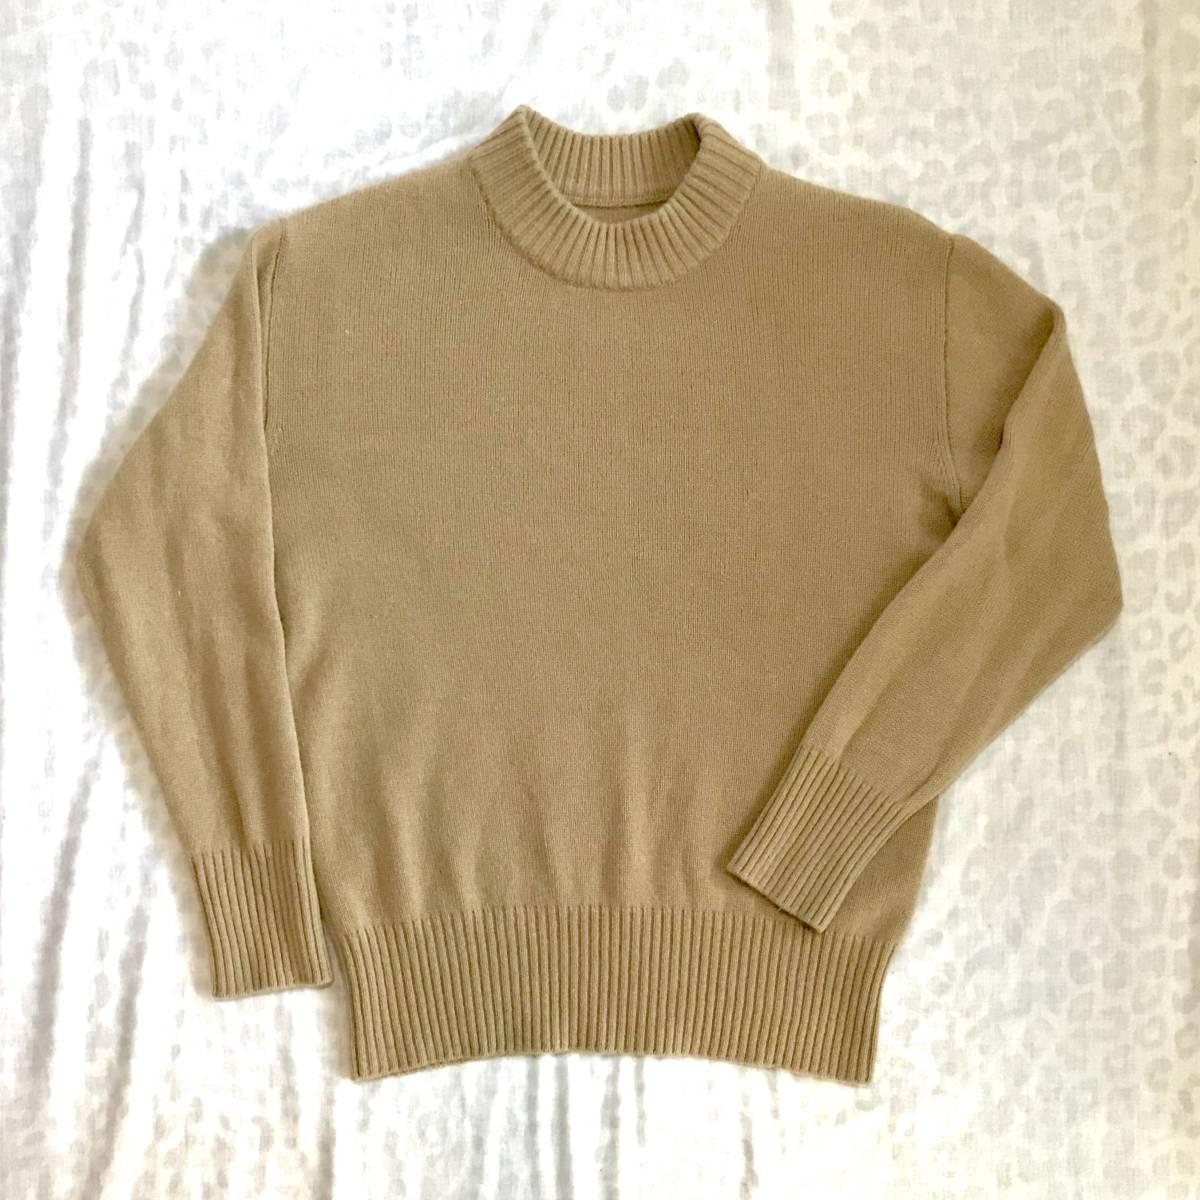 至高◎! フランス ヴィンテージ UNIONMADE ビキューナ セーター /もの凄く軽く柔らかな逸